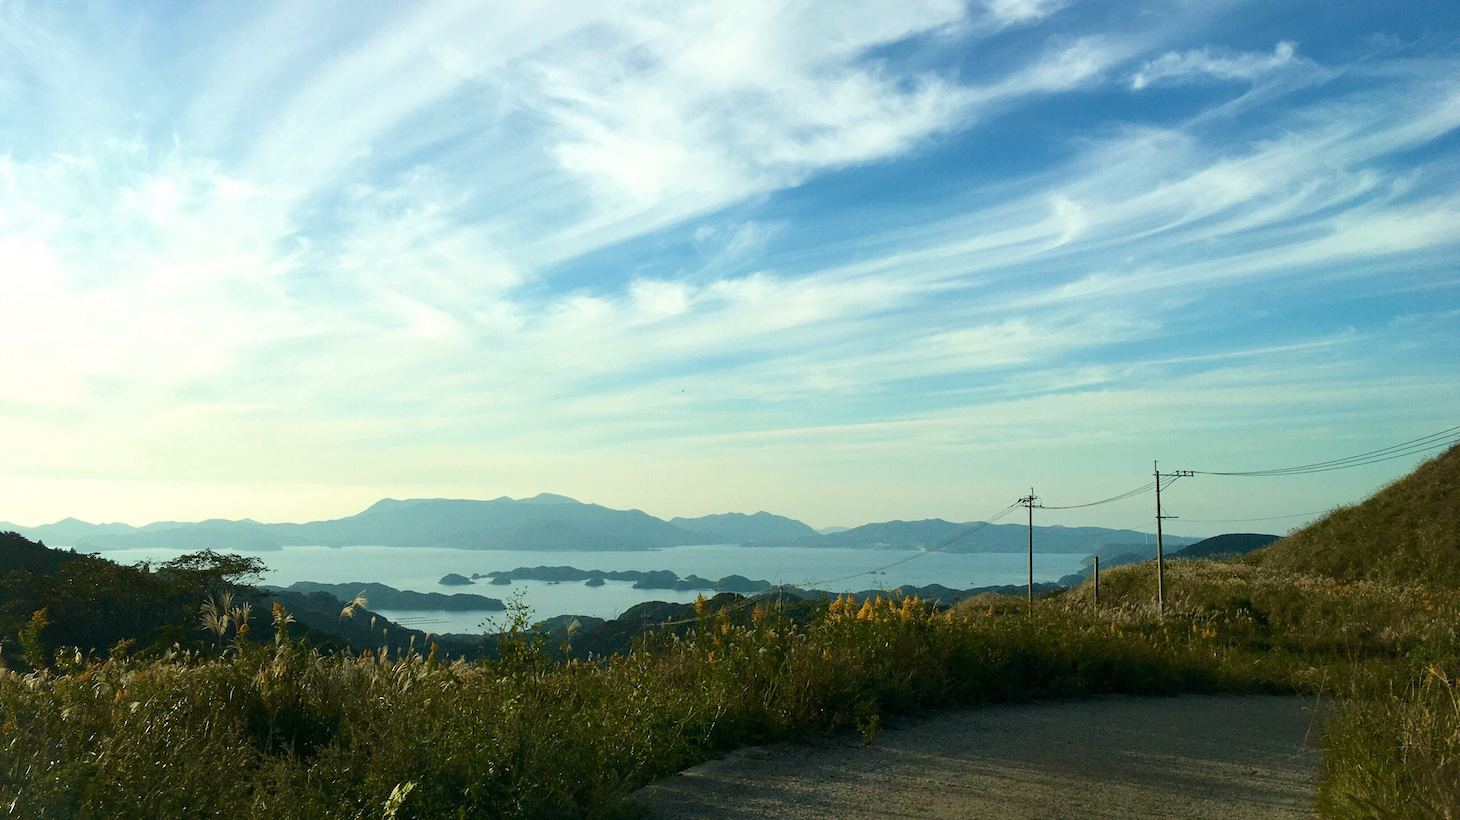 山上から見える海と山の綺麗な景色